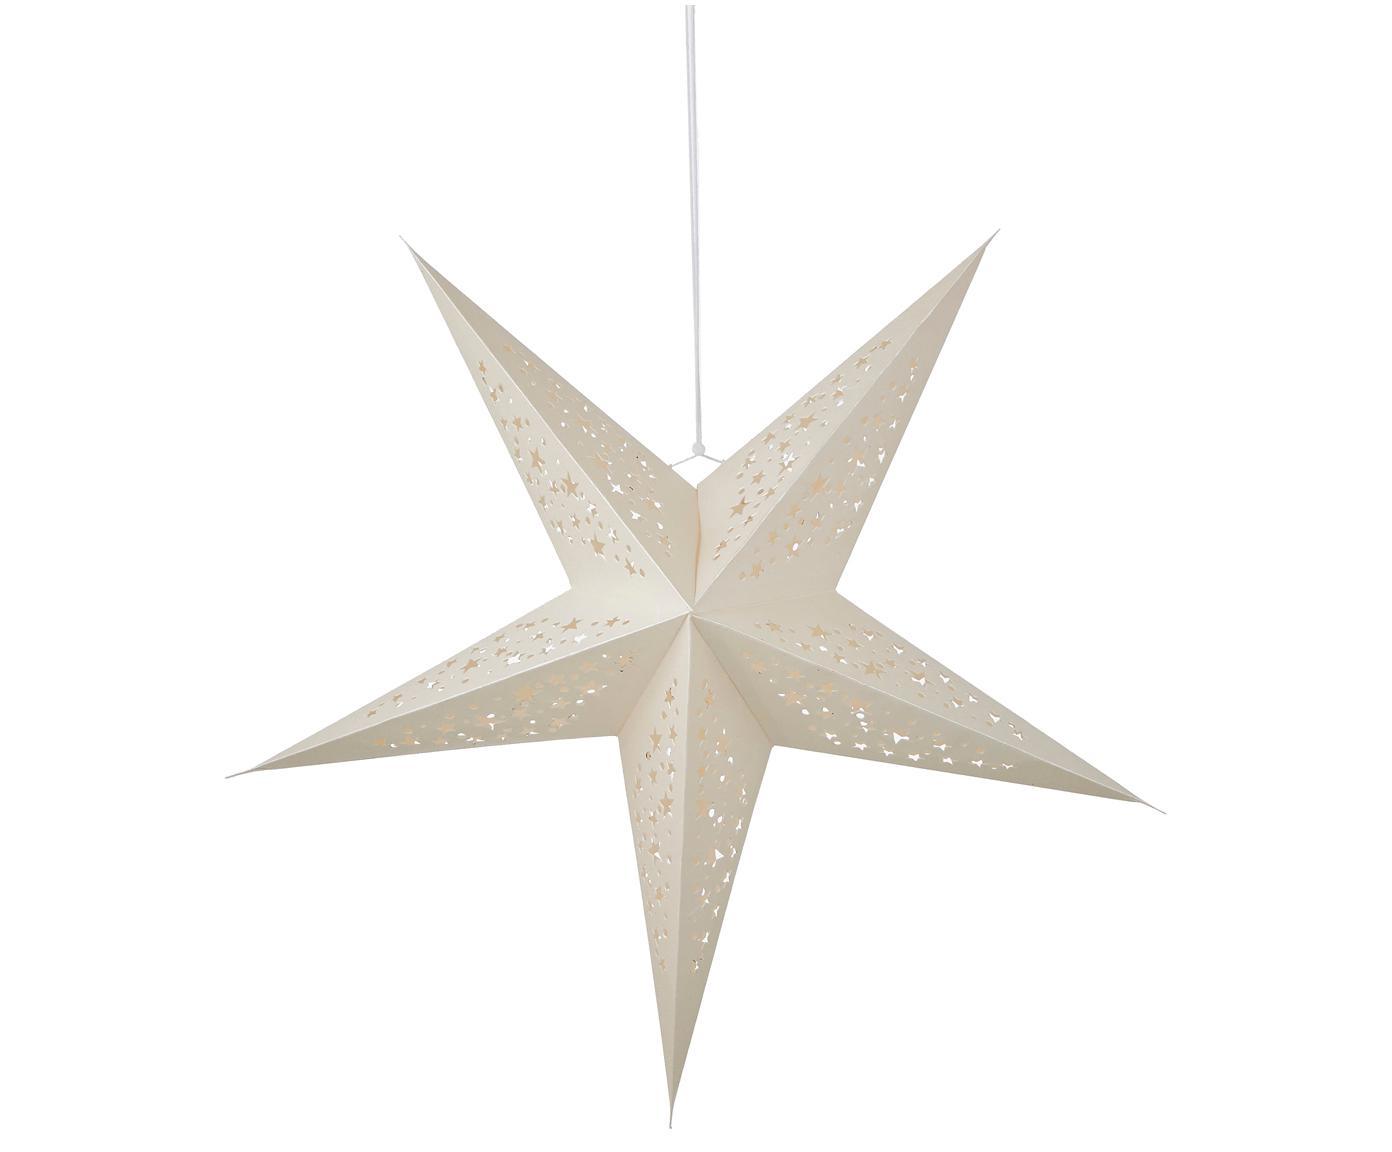 Kerstster Esther, Papier, Wit met glitters, 56 x 56 cm